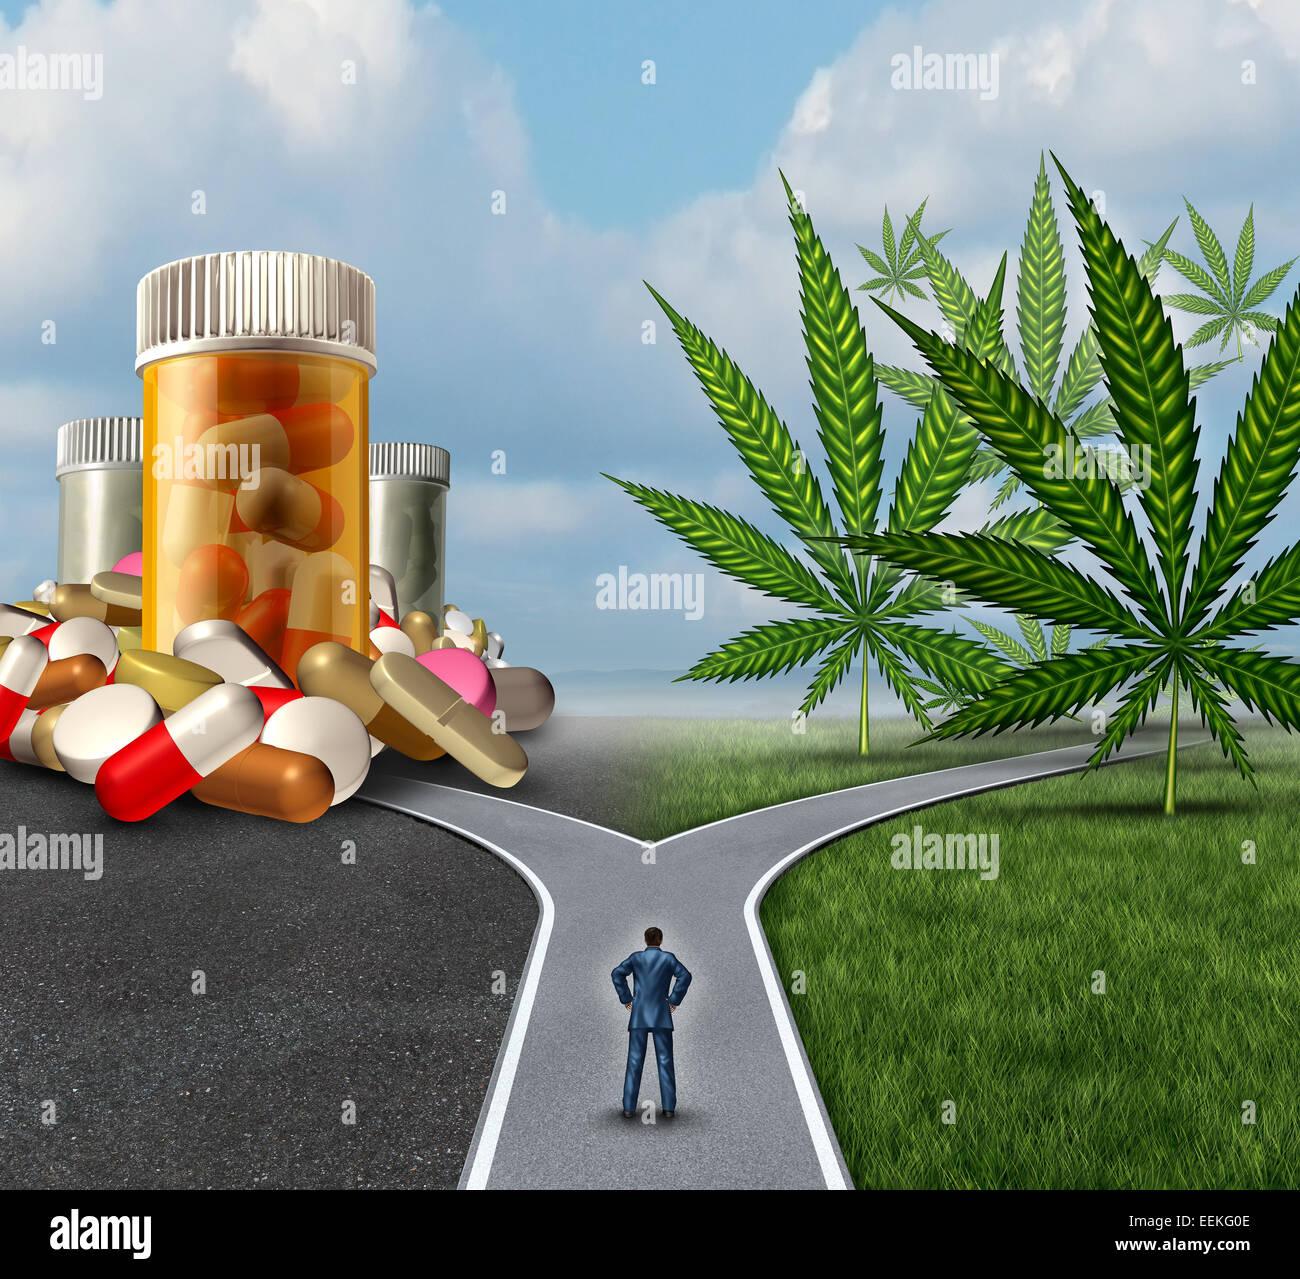 La marihuana elección médica dilema concepto de salud como una persona de pie en la parte delantera de Imagen De Stock